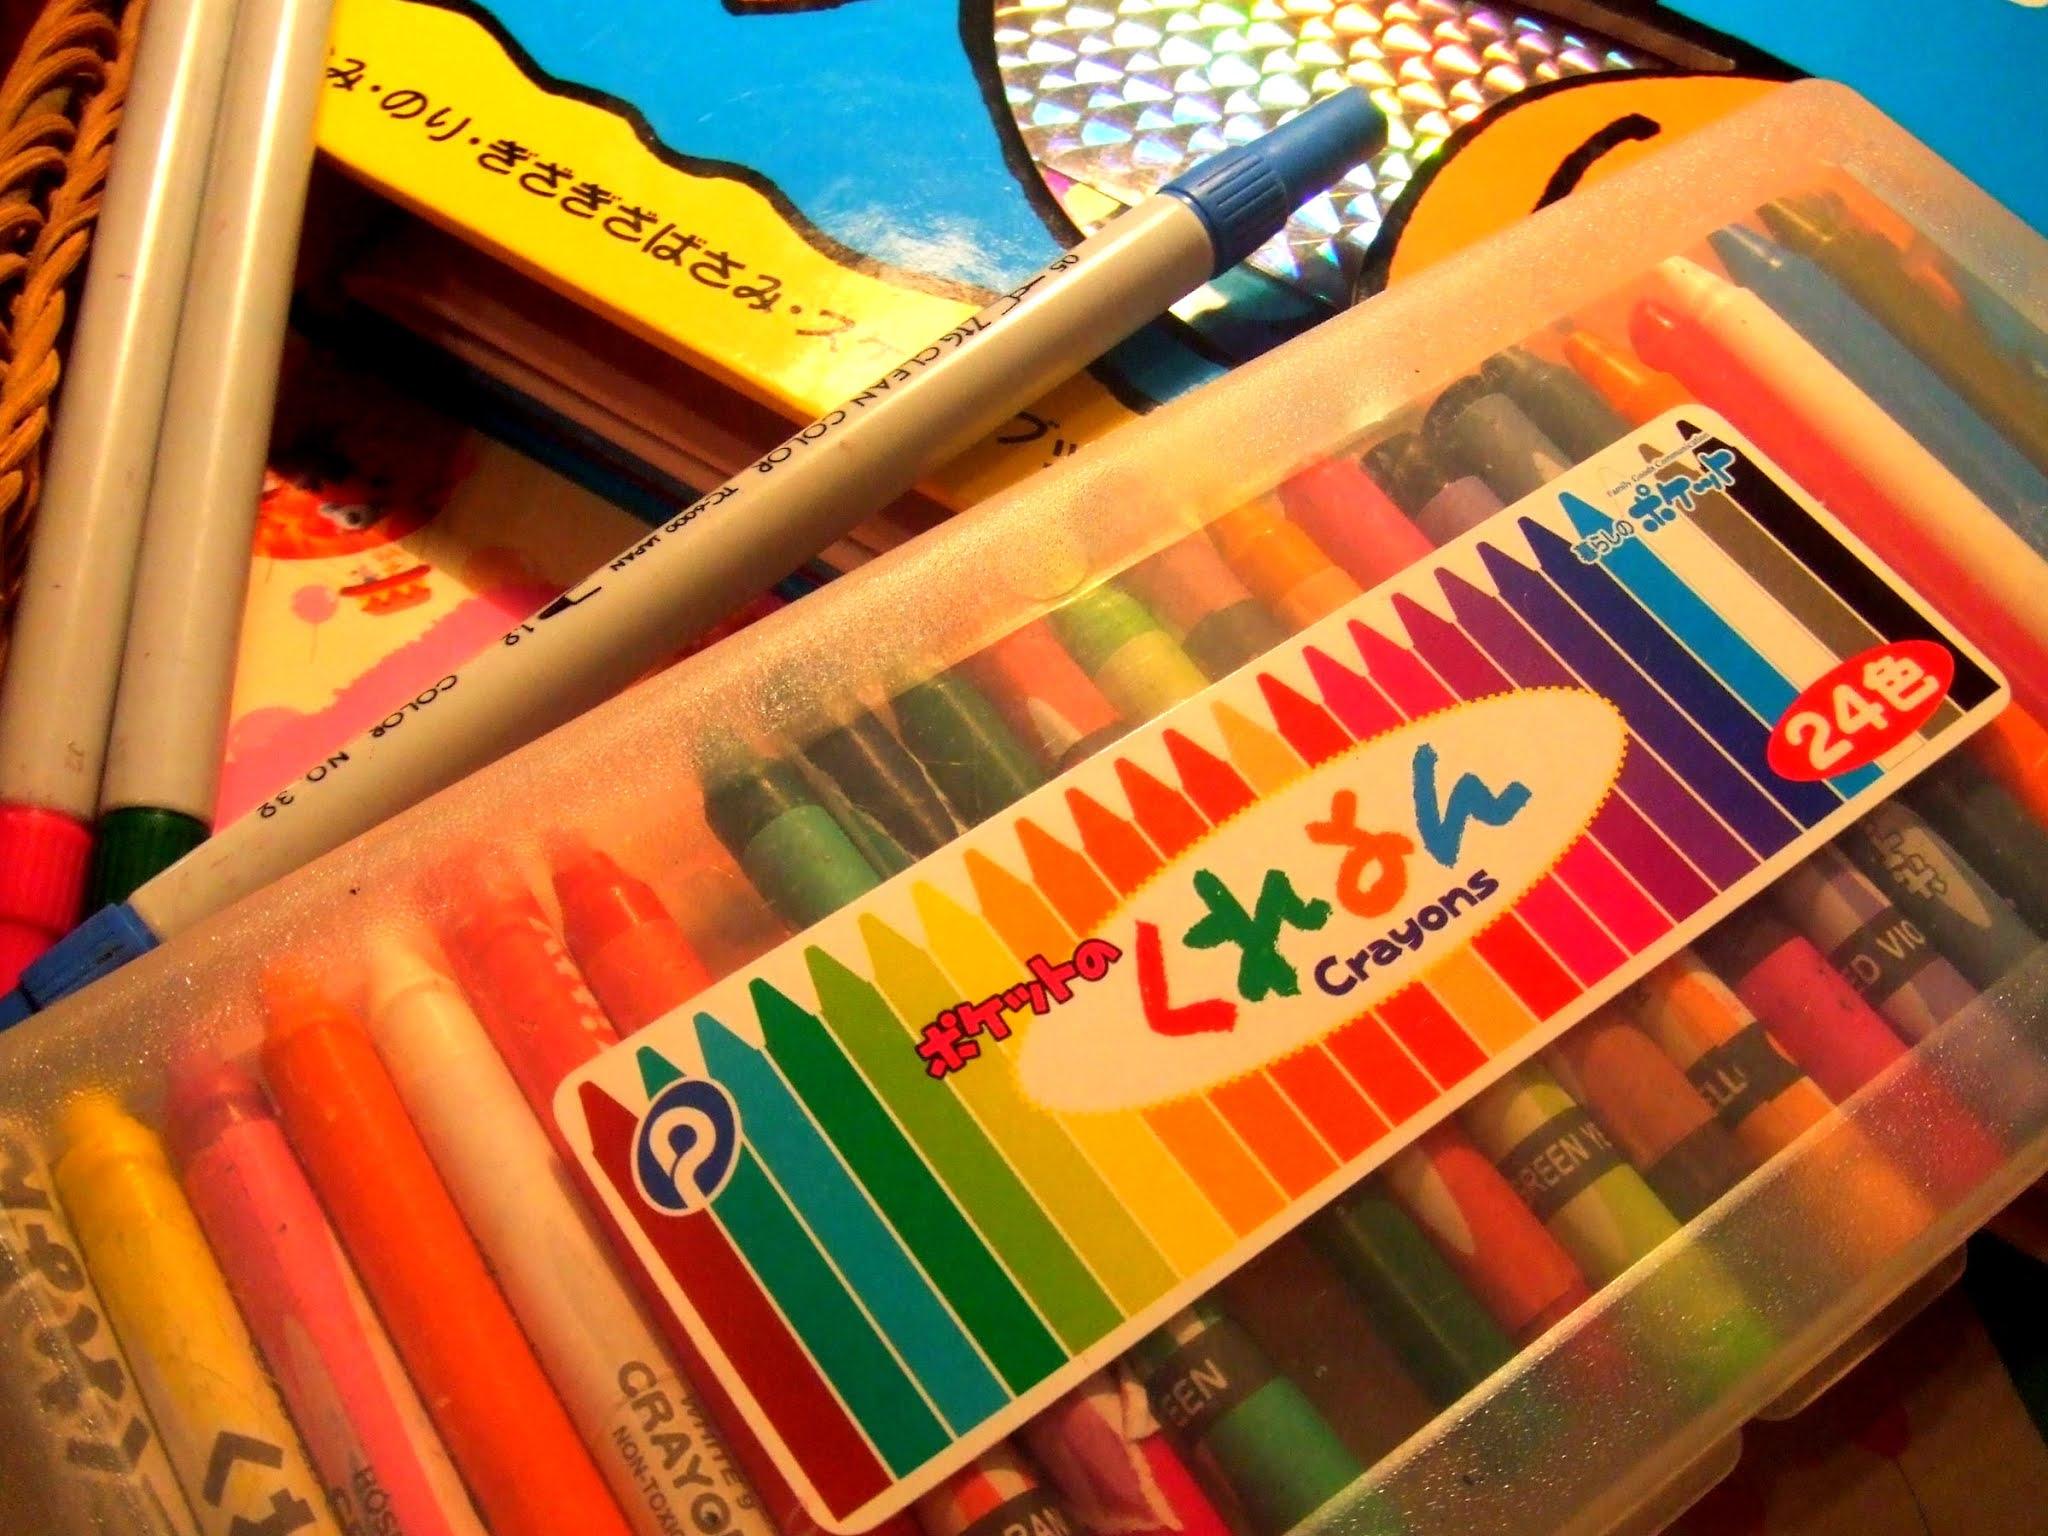 机の上のマーカーと落書き帳とクレヨンの写真。学習系の記事などに使えそうです。